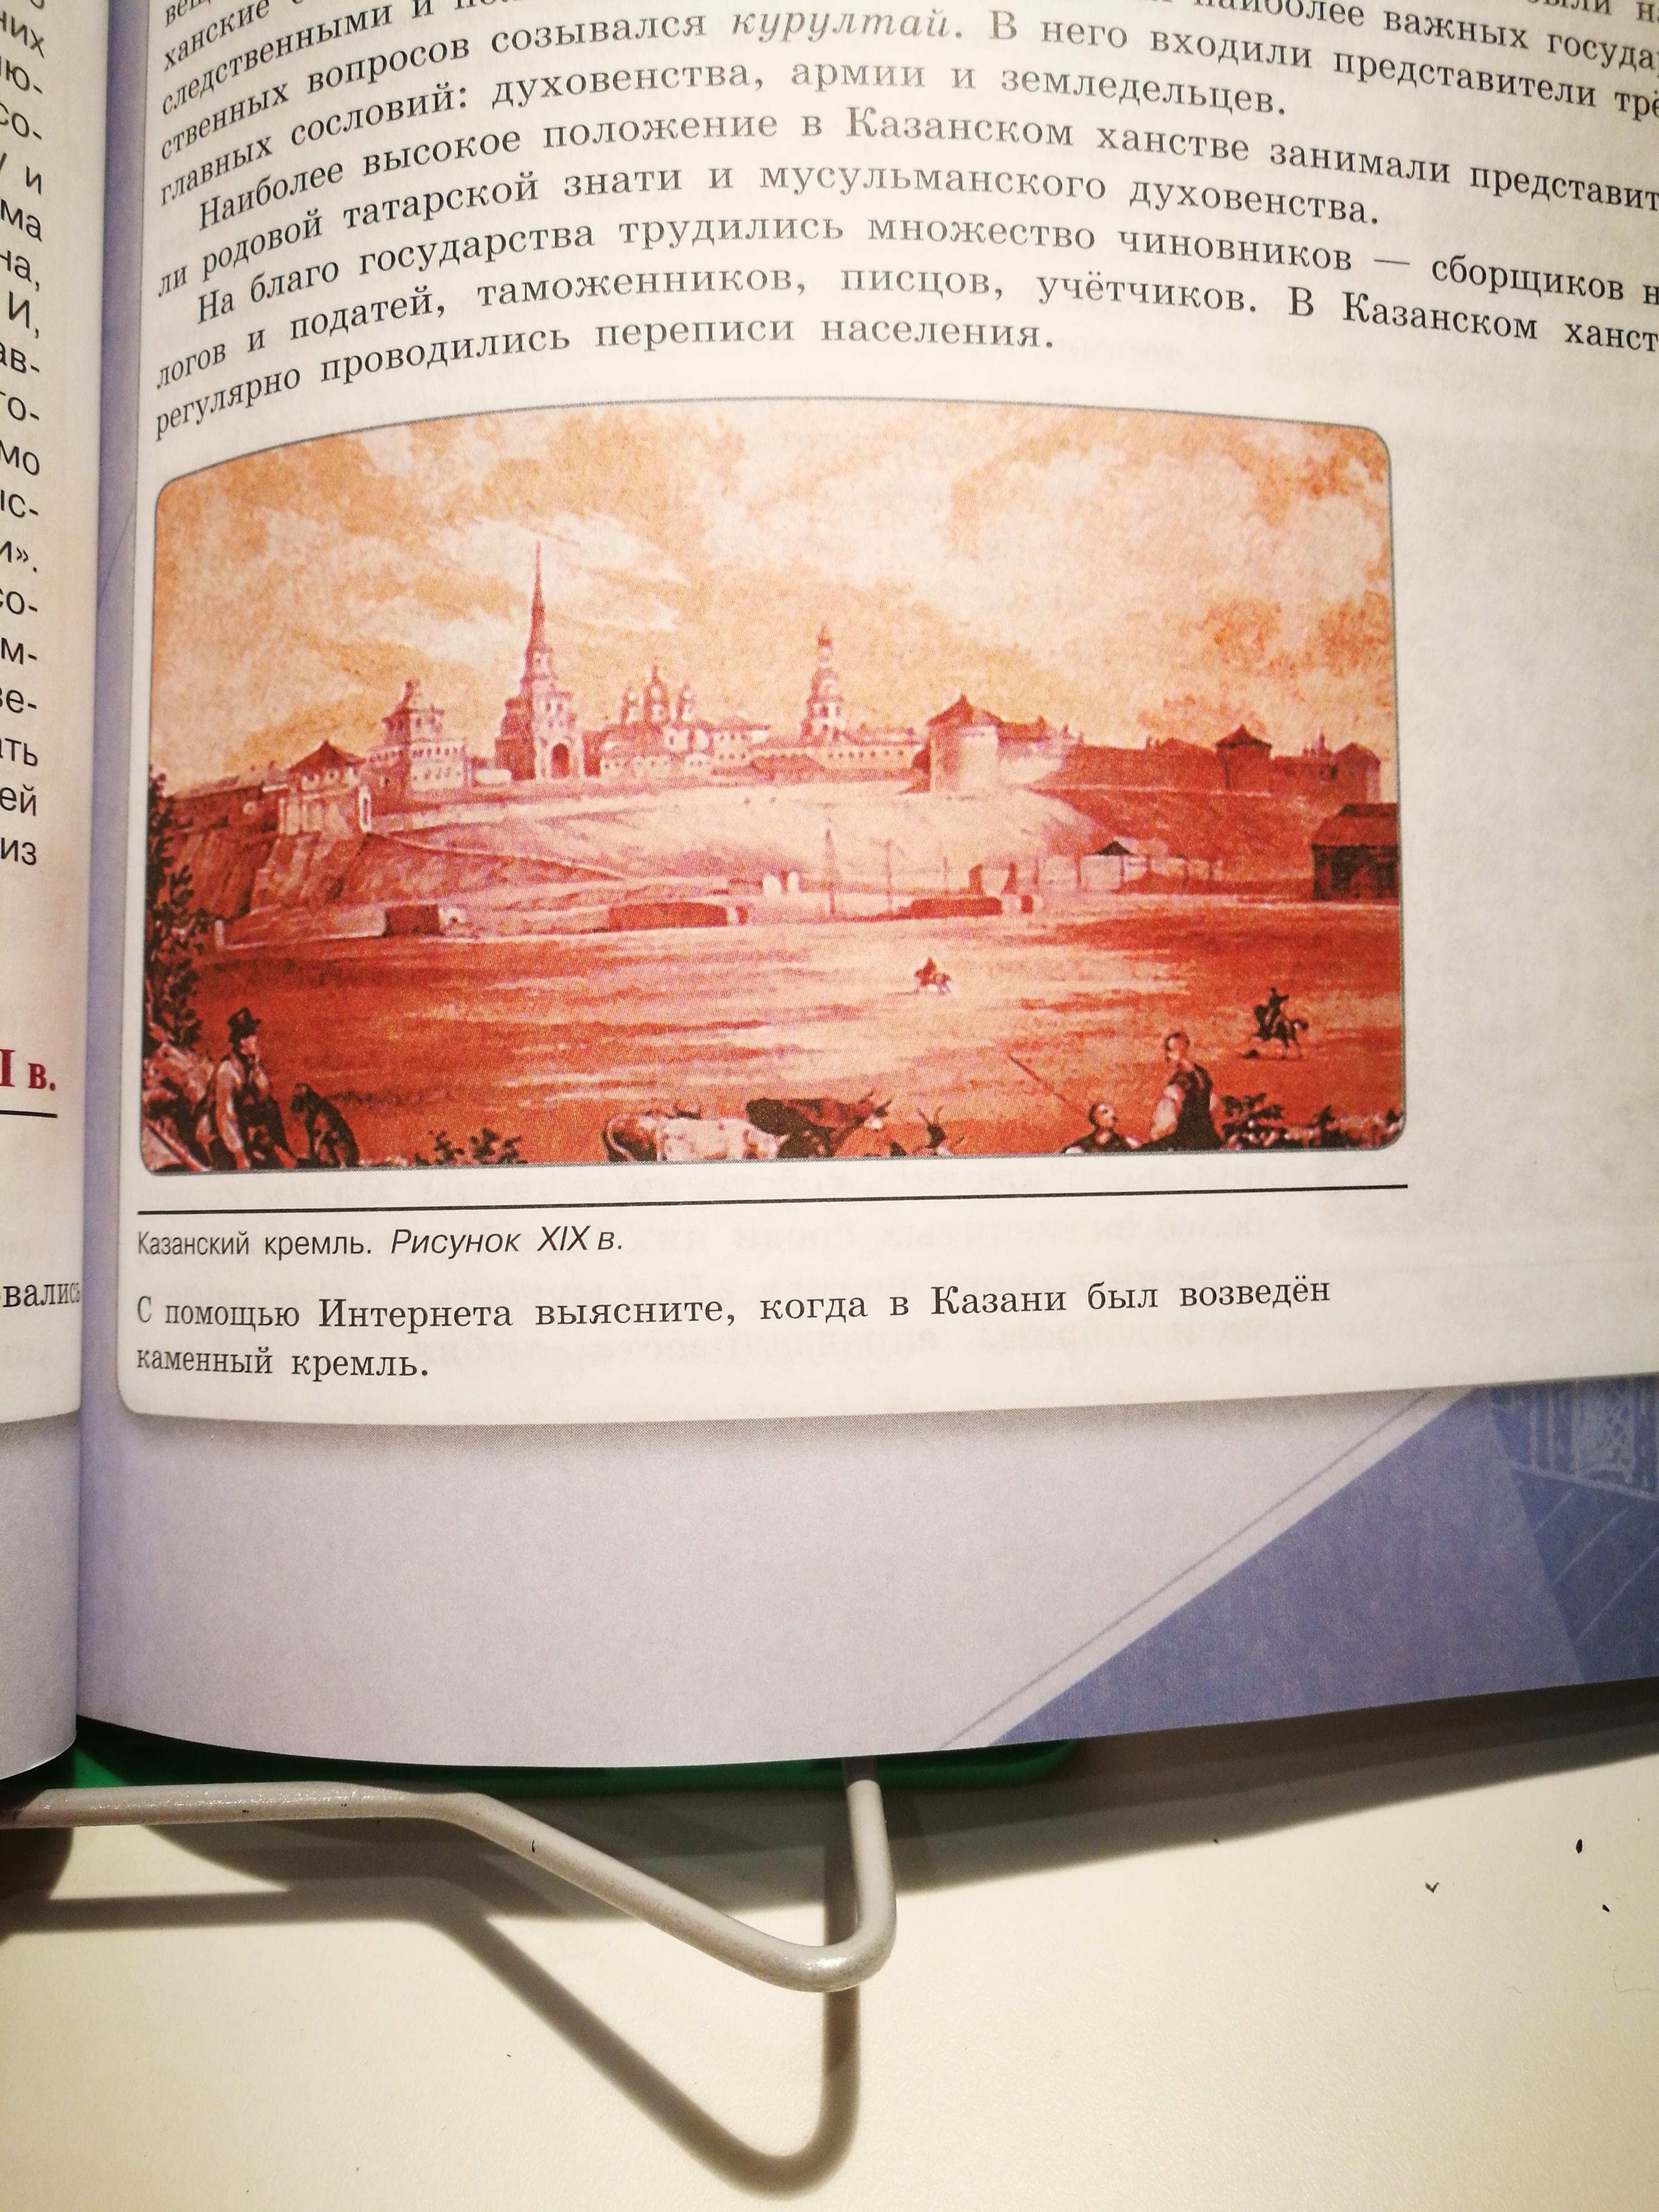 Эссе о казанском кремле по иллюстрации 3255